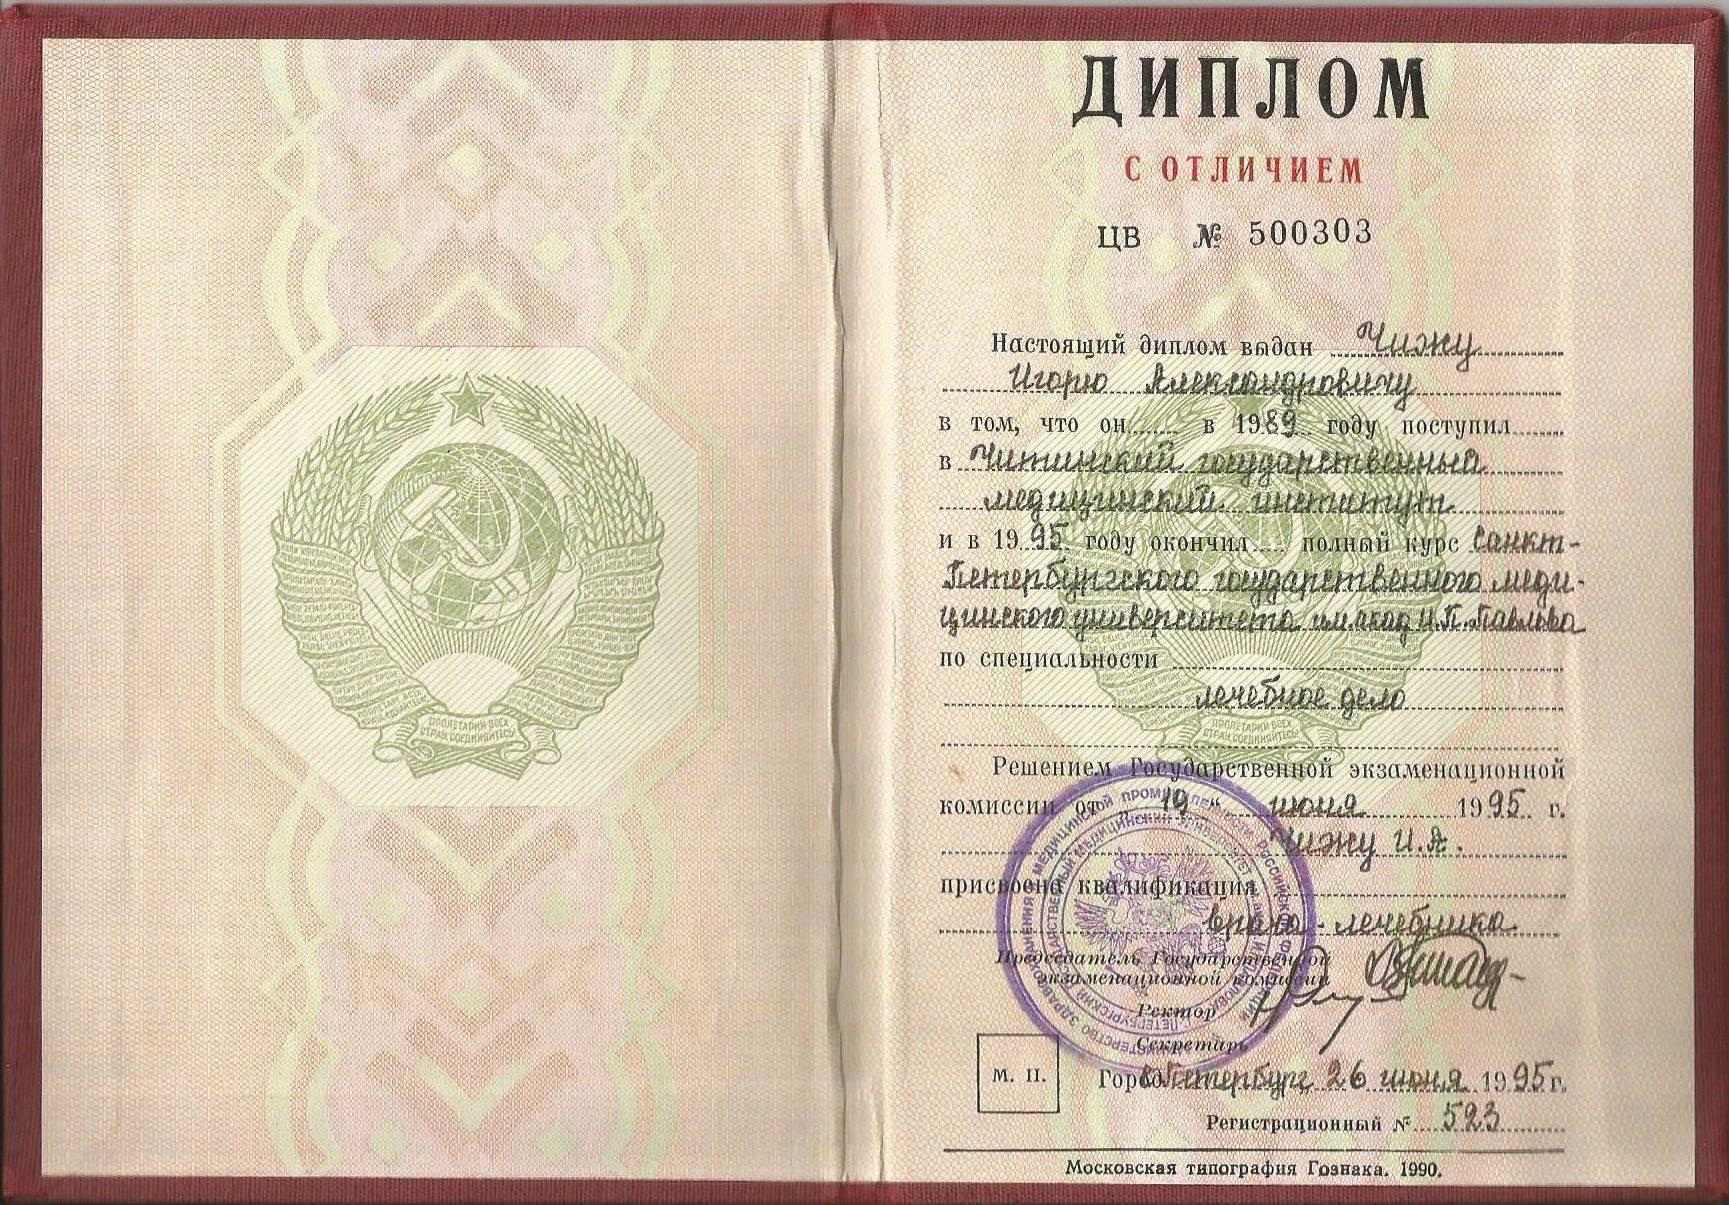 Диплом Чиж И.А. - Мир Здоровья СПб